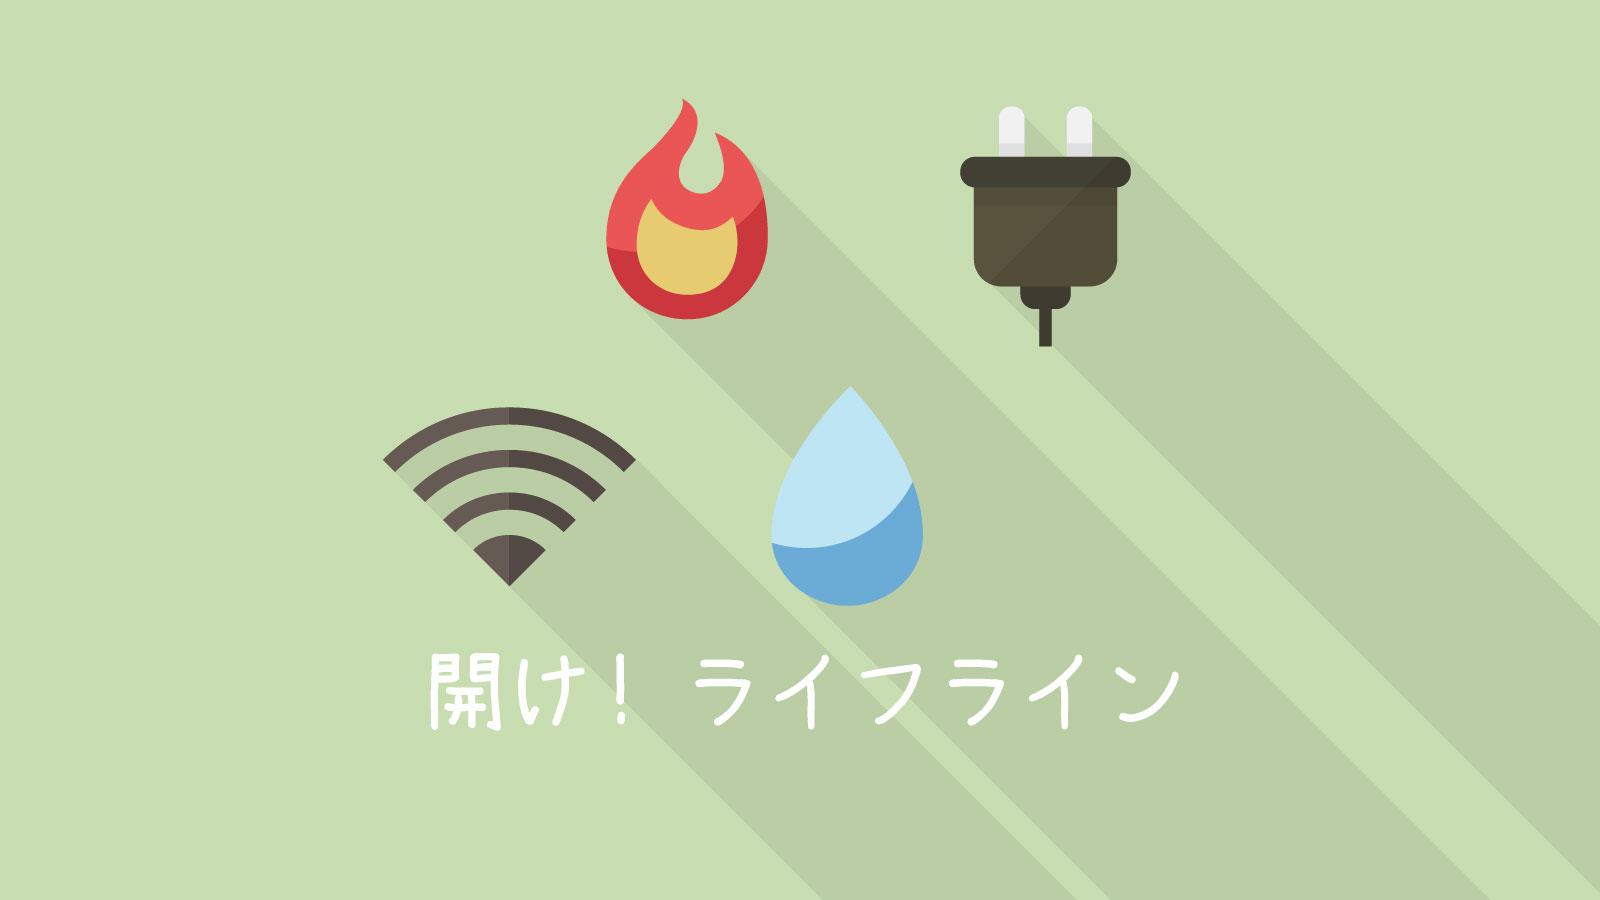 一人暮らし 賃貸 ネット 電気 ガス 水道 ライフライン